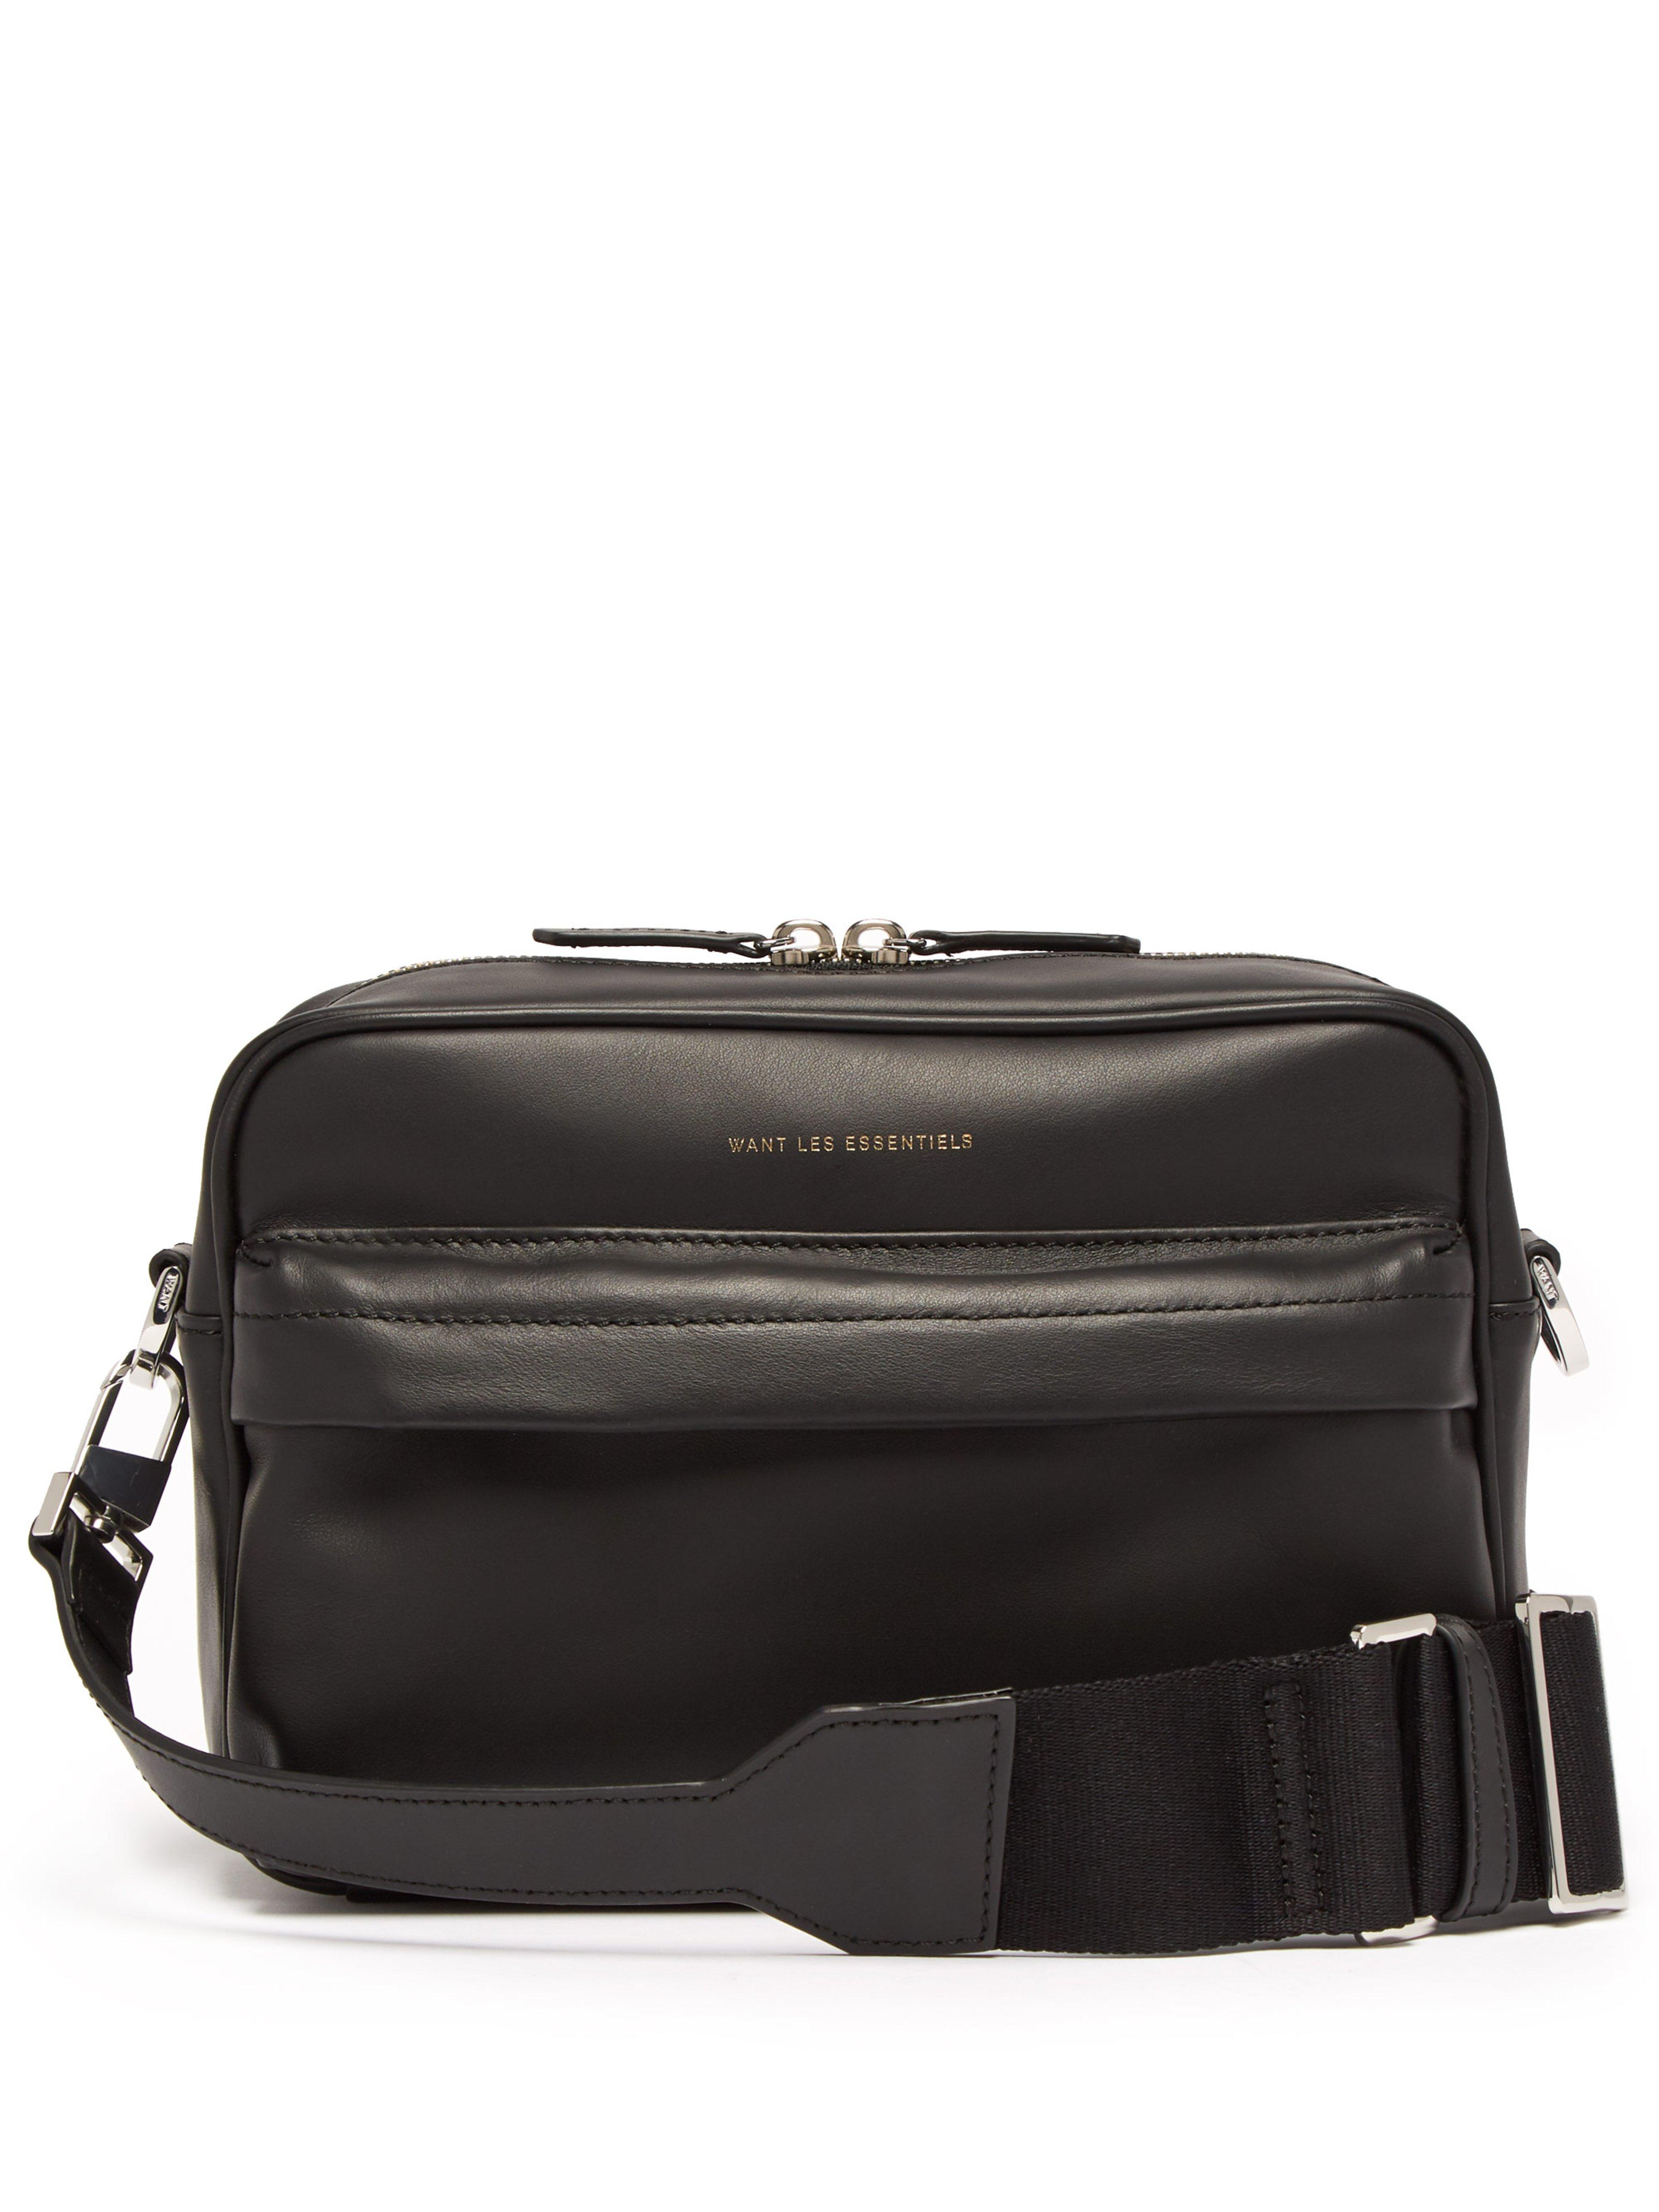 e168c5cbad Want Les Essentiels De La Vie - Black Sac bandoulière rectangulaire en cuir  for Men -. Afficher en plein écran